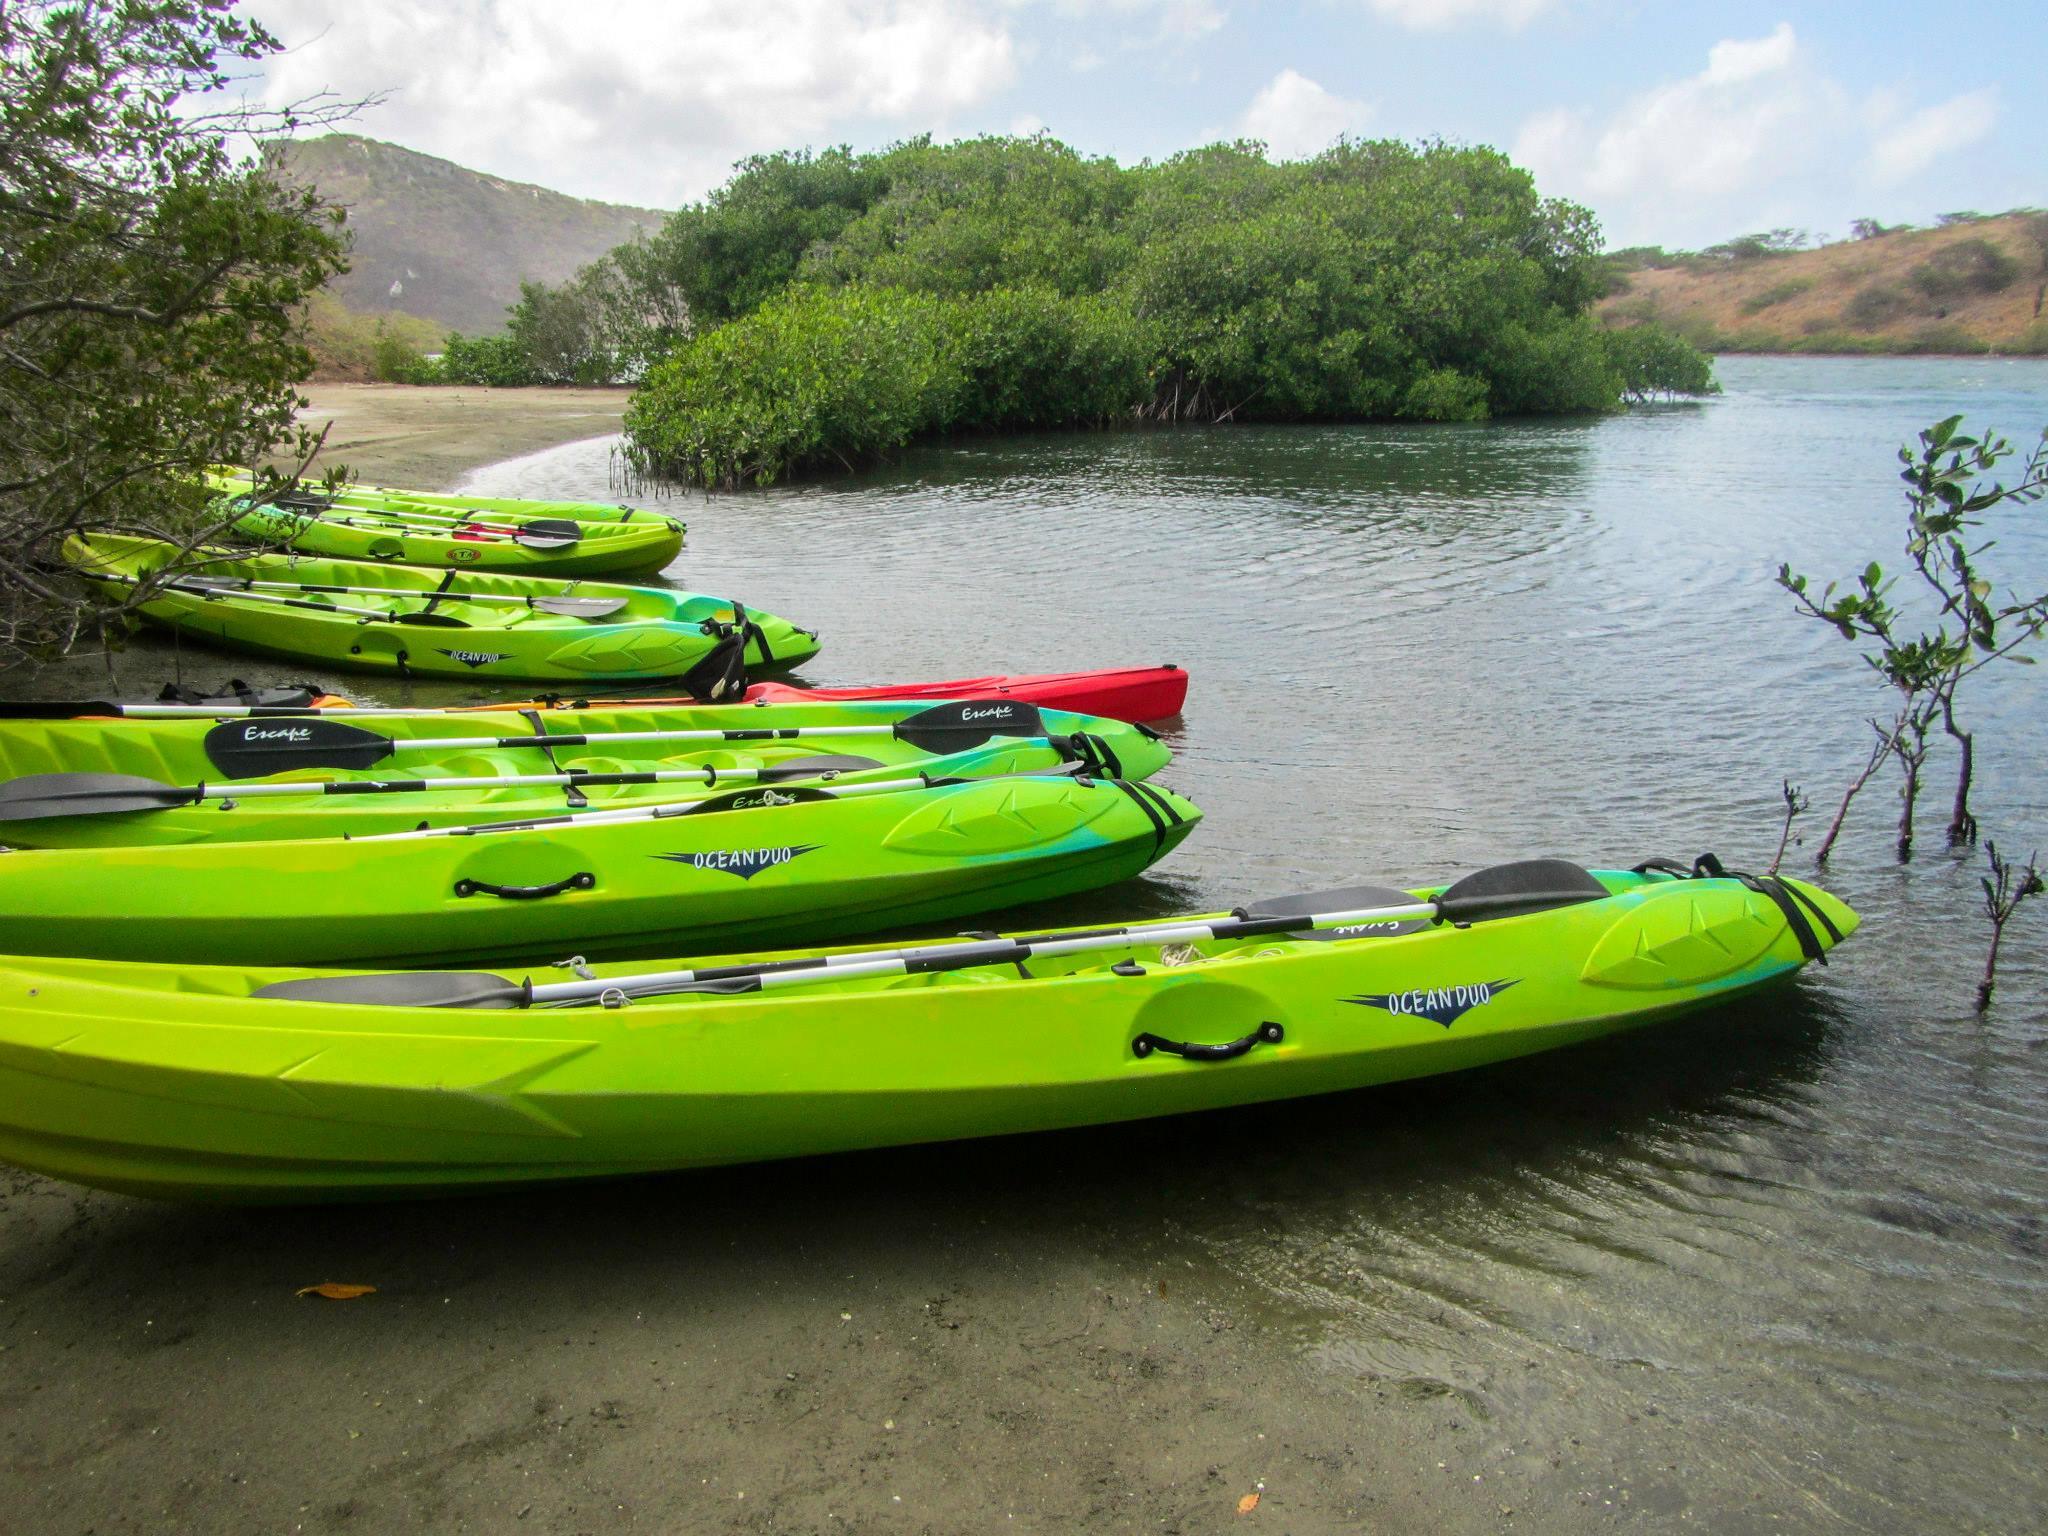 Kayak Trip - Kayakking Mangrove trip for $45.00